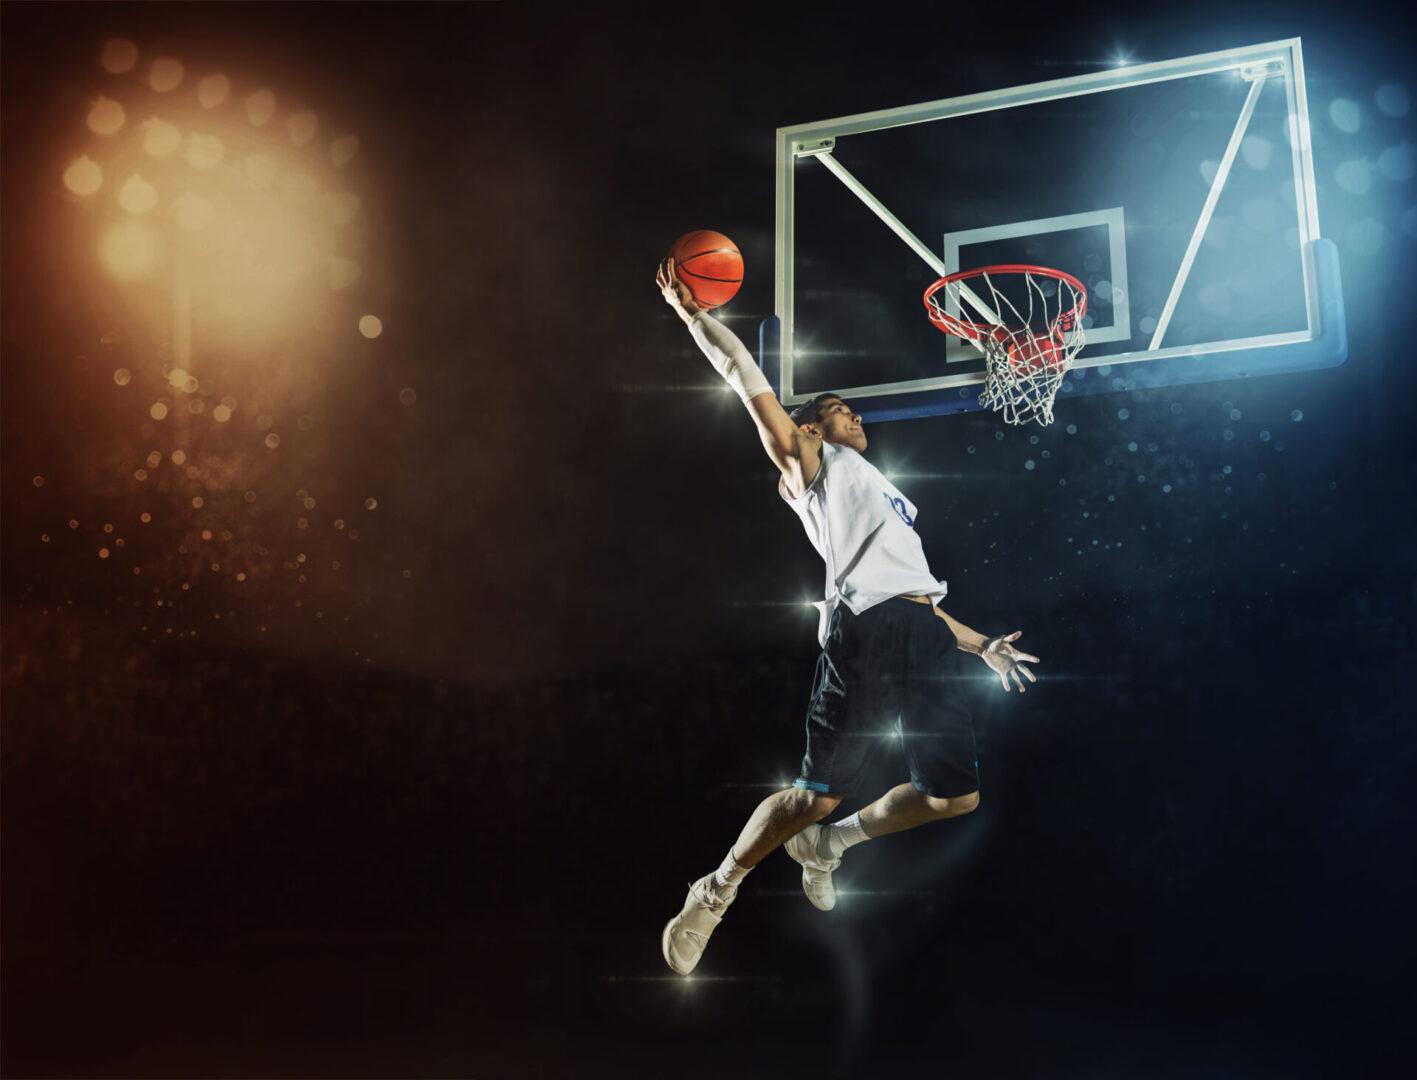 Basketball Perfection